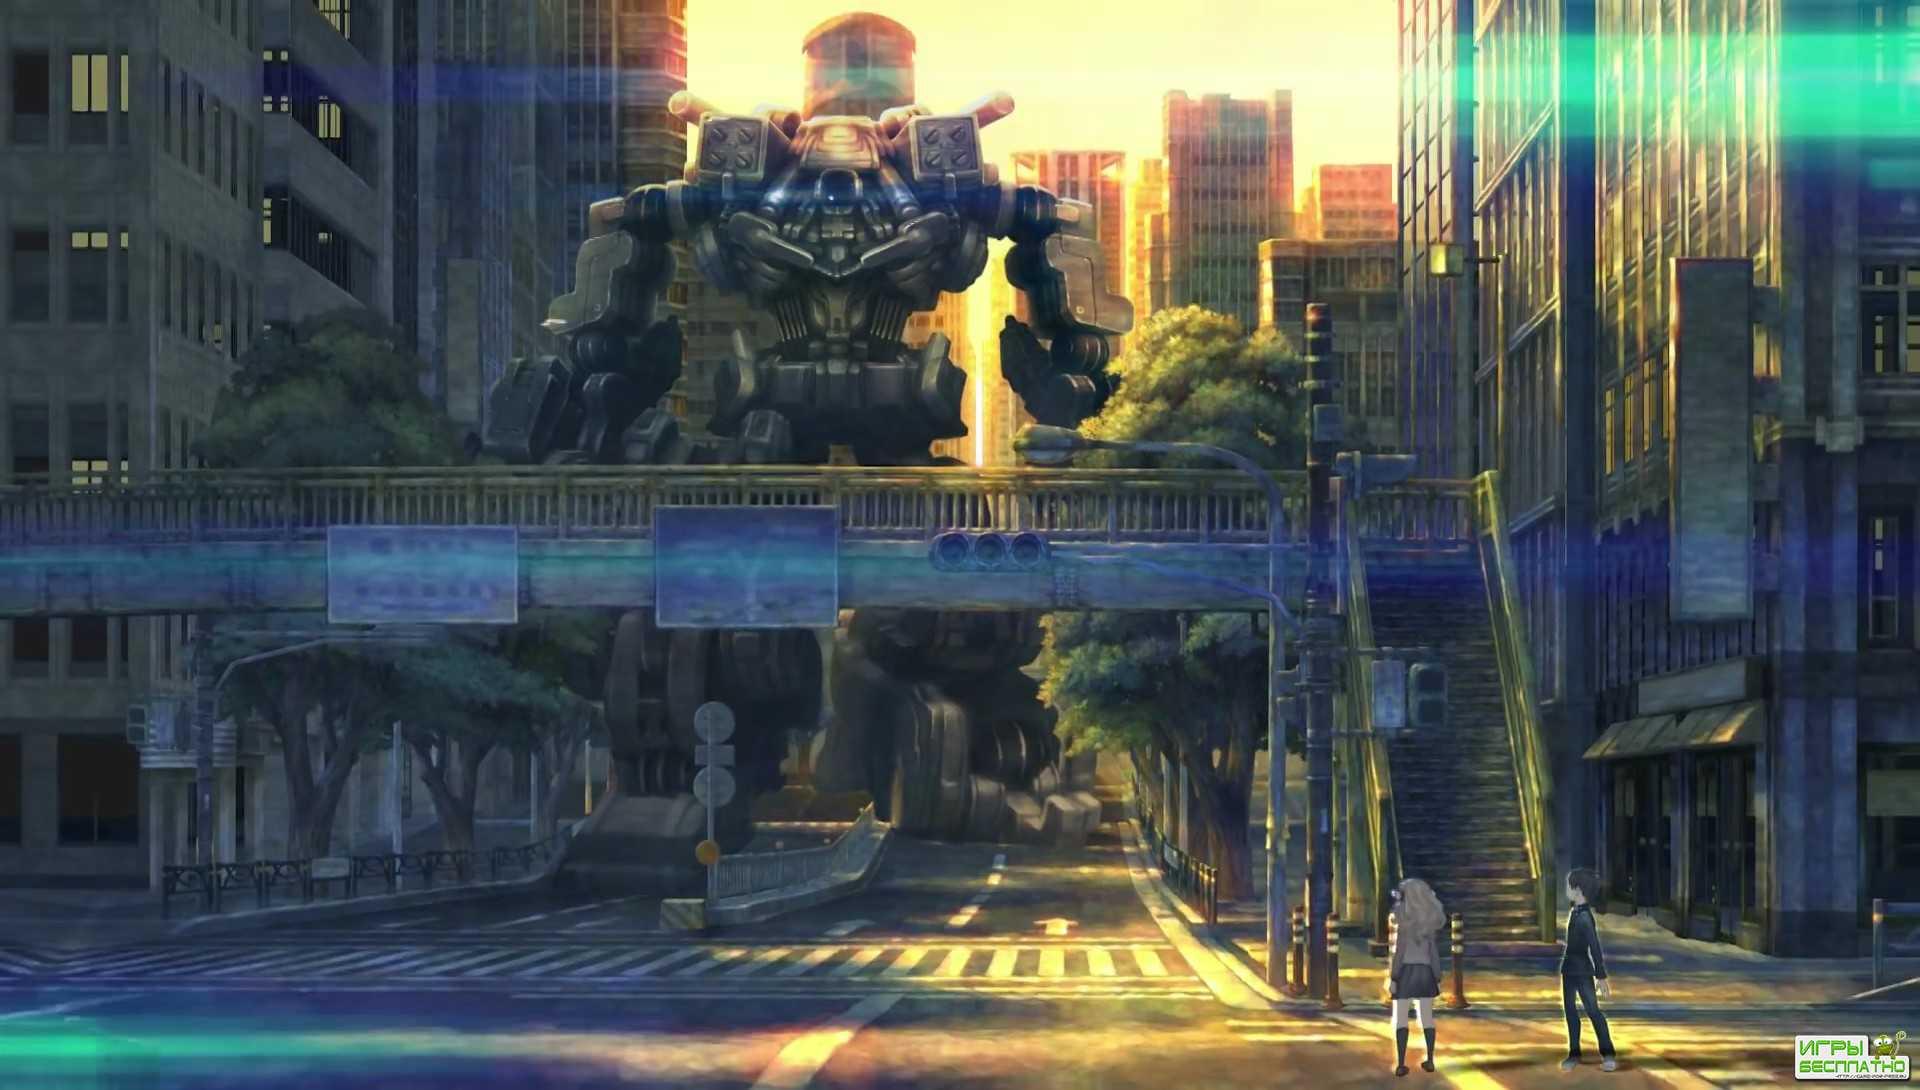 К трейлеру 13 Sentinels: Aegis Rim «приложили» трейлер Princess Crown